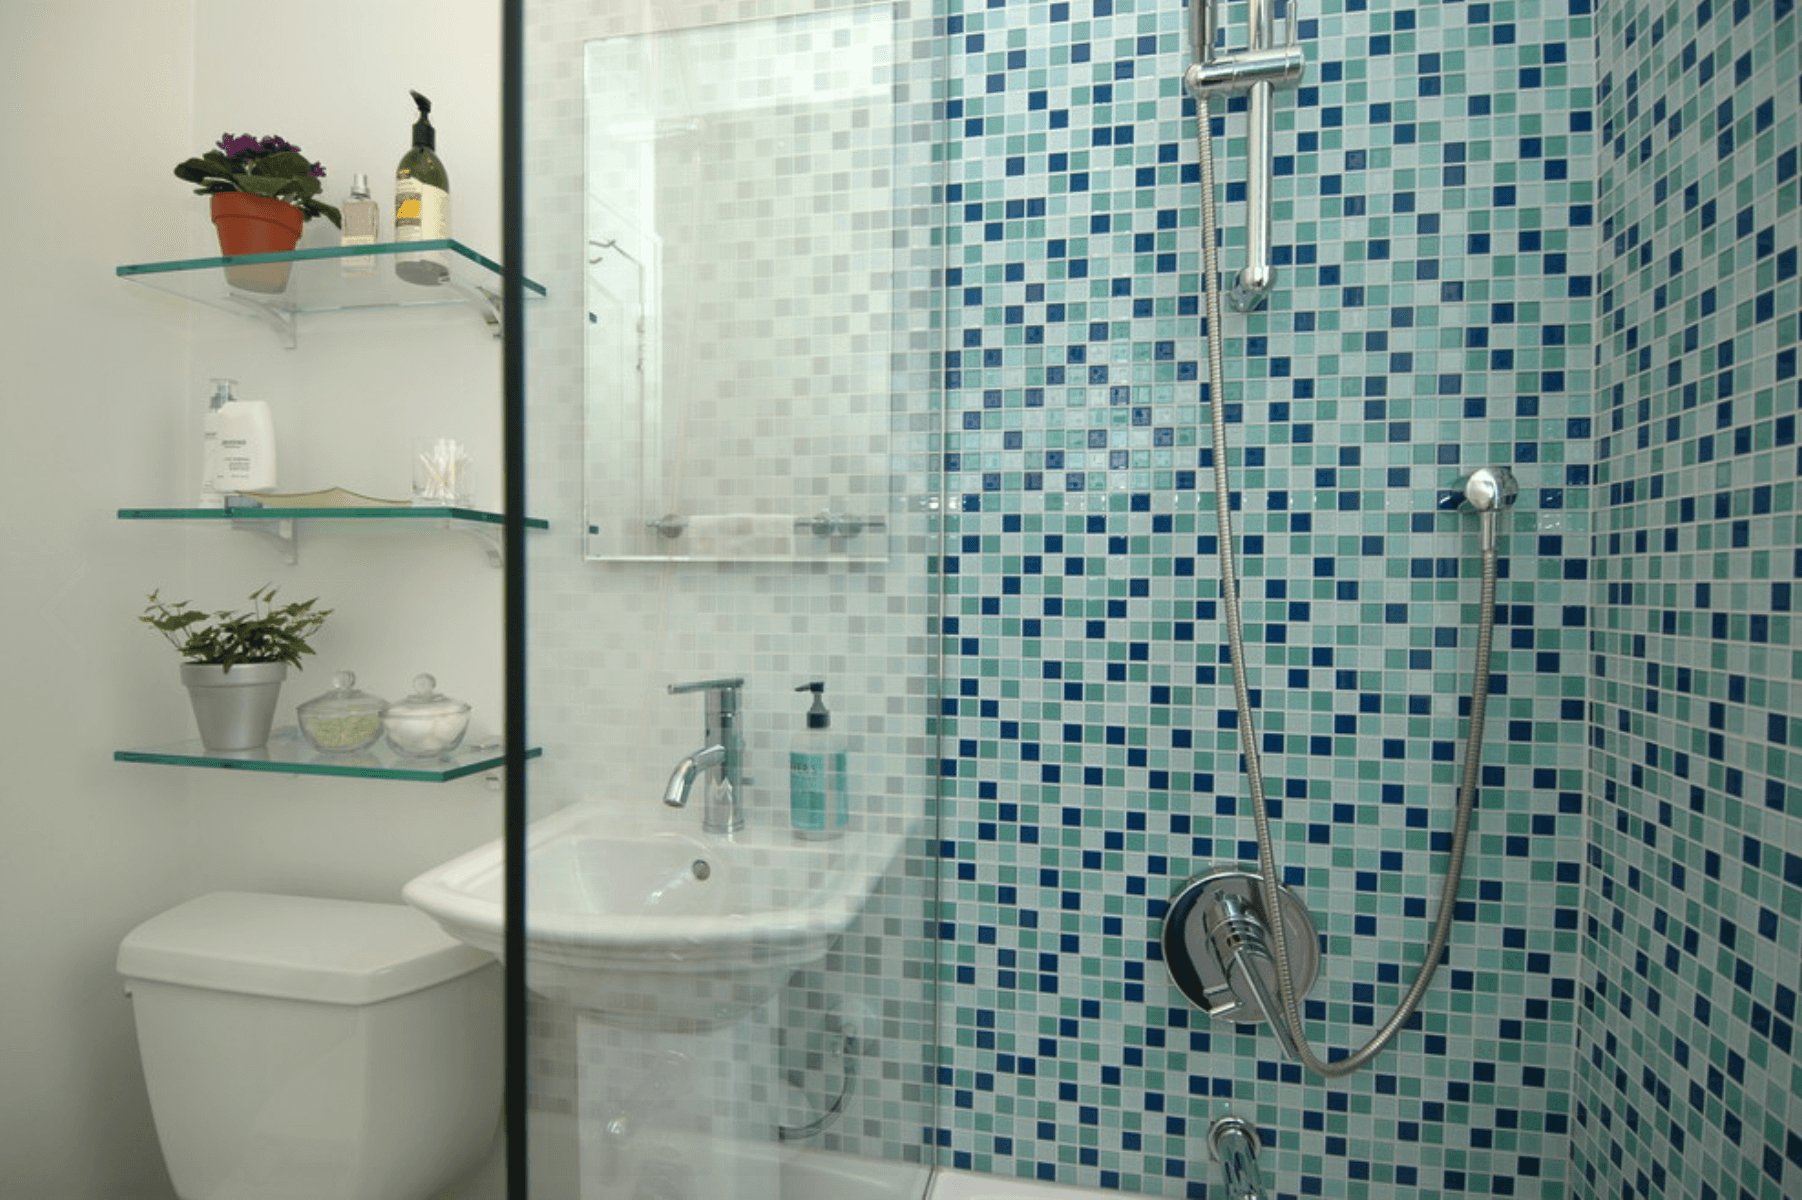 Decorados com pastilha #24495F 1802x1200 Azulejo Para Banheiro Decorado